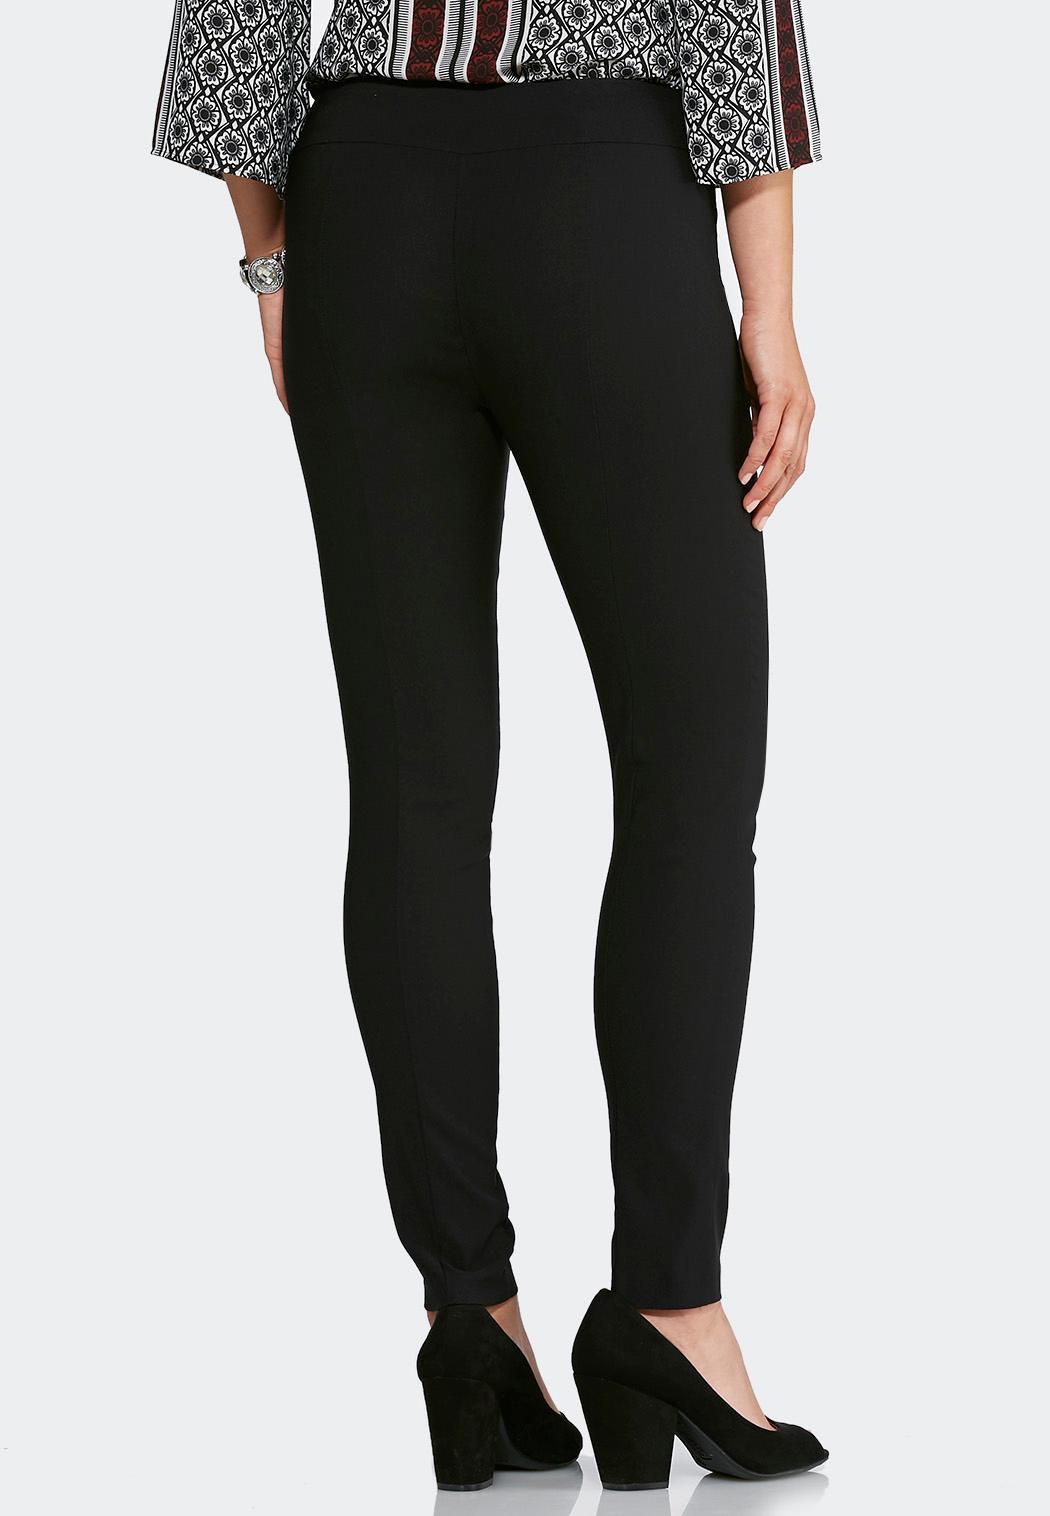 Petite Pull-On Solid Slim Pants (Item #43798546)